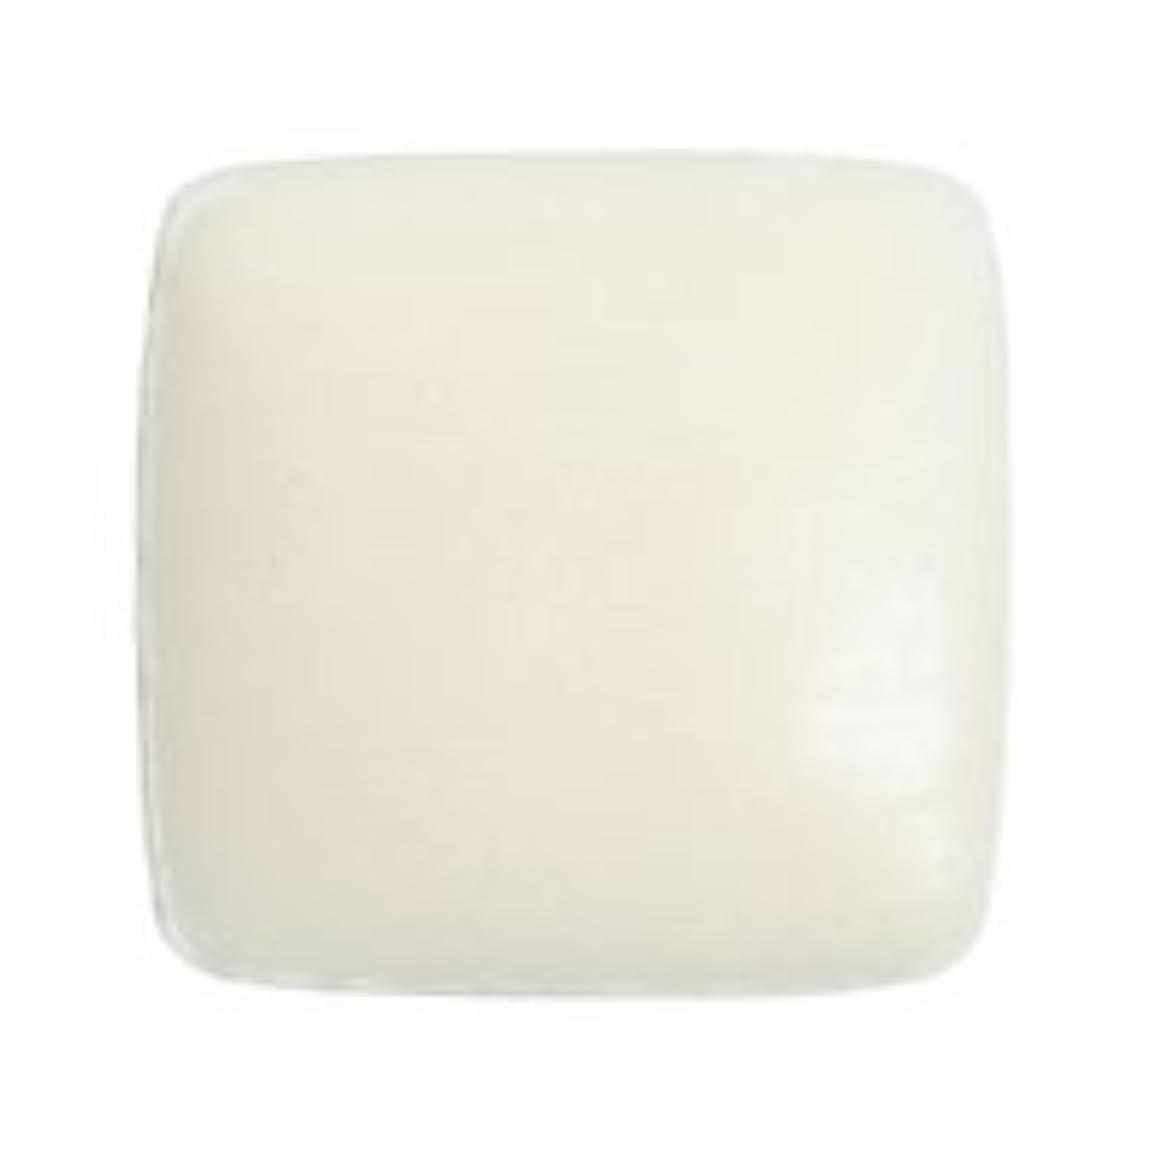 トレッド爬虫類湿原ドクターY ホワイトクレイソープ80g 固形石鹸